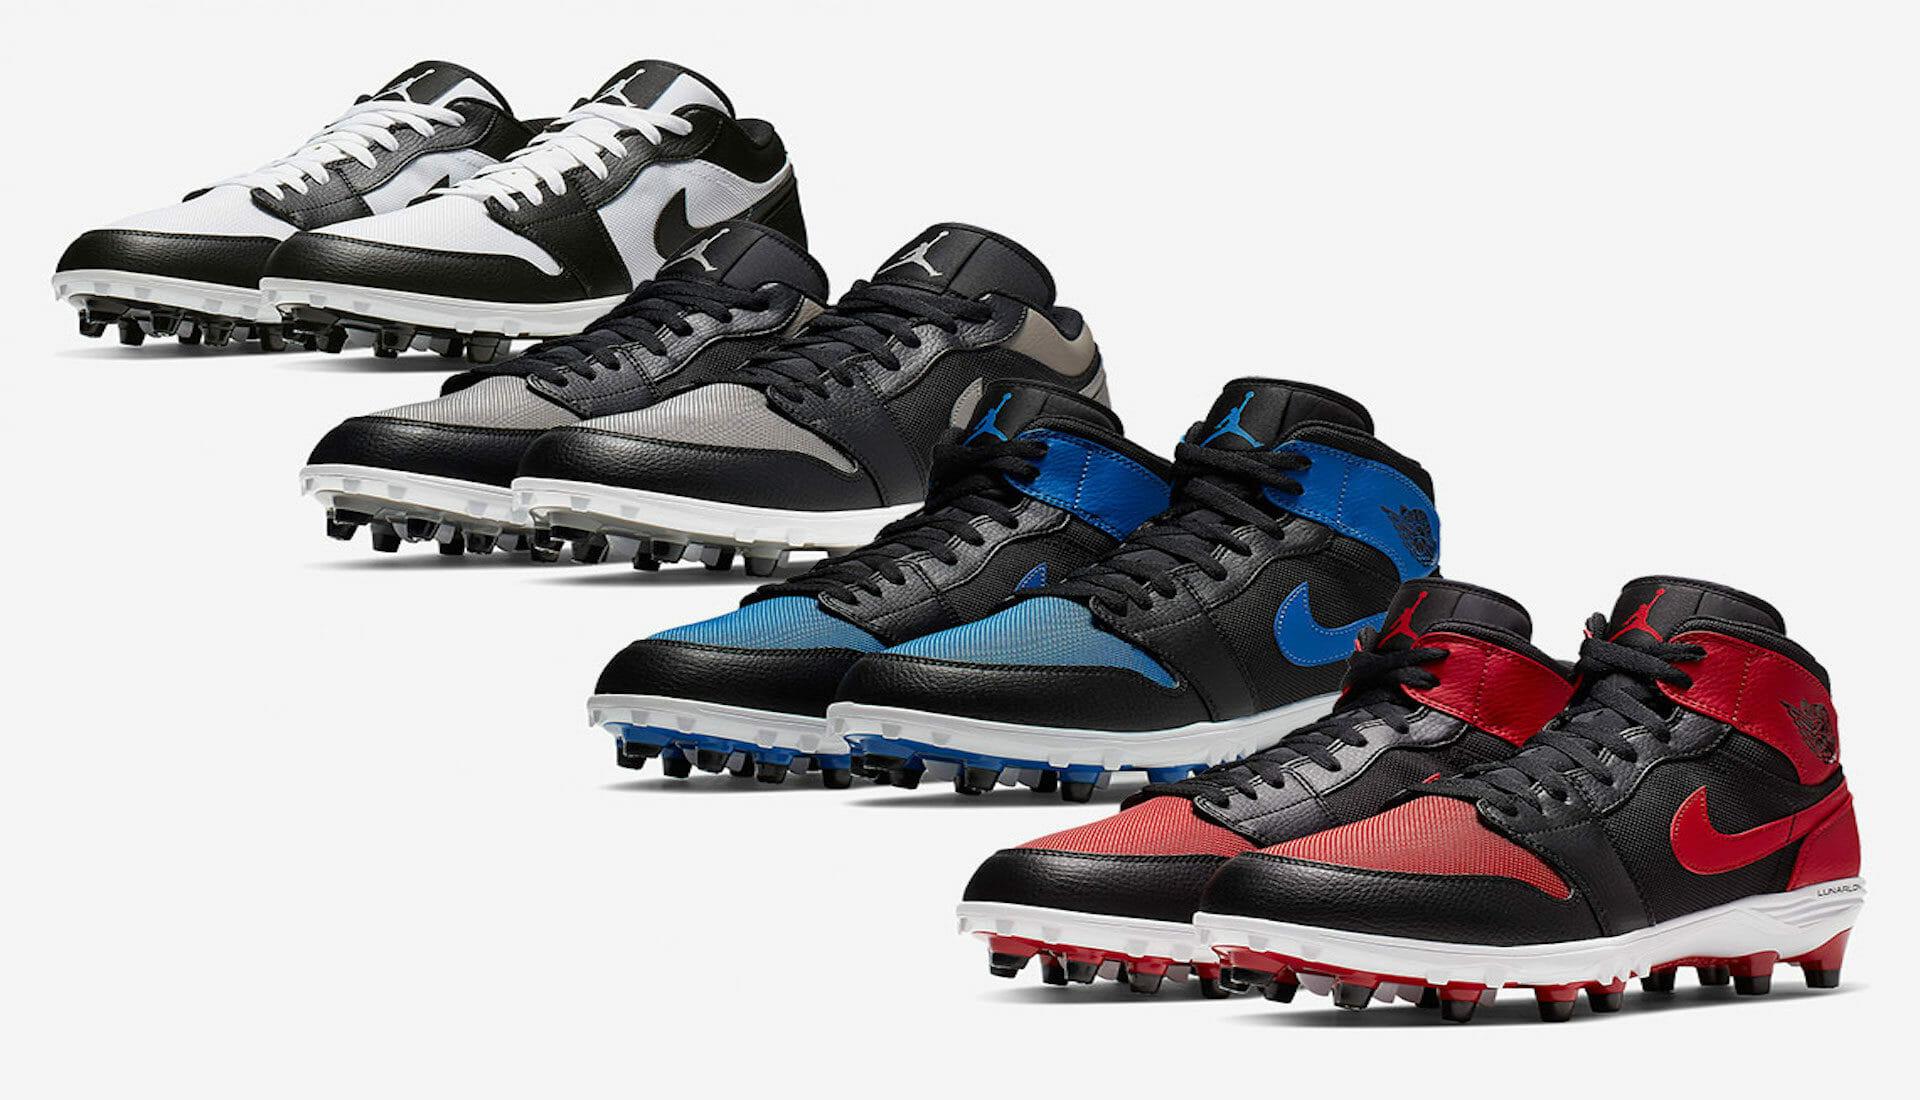 Les sneakers Jordan sont sur tous les terrains de sport